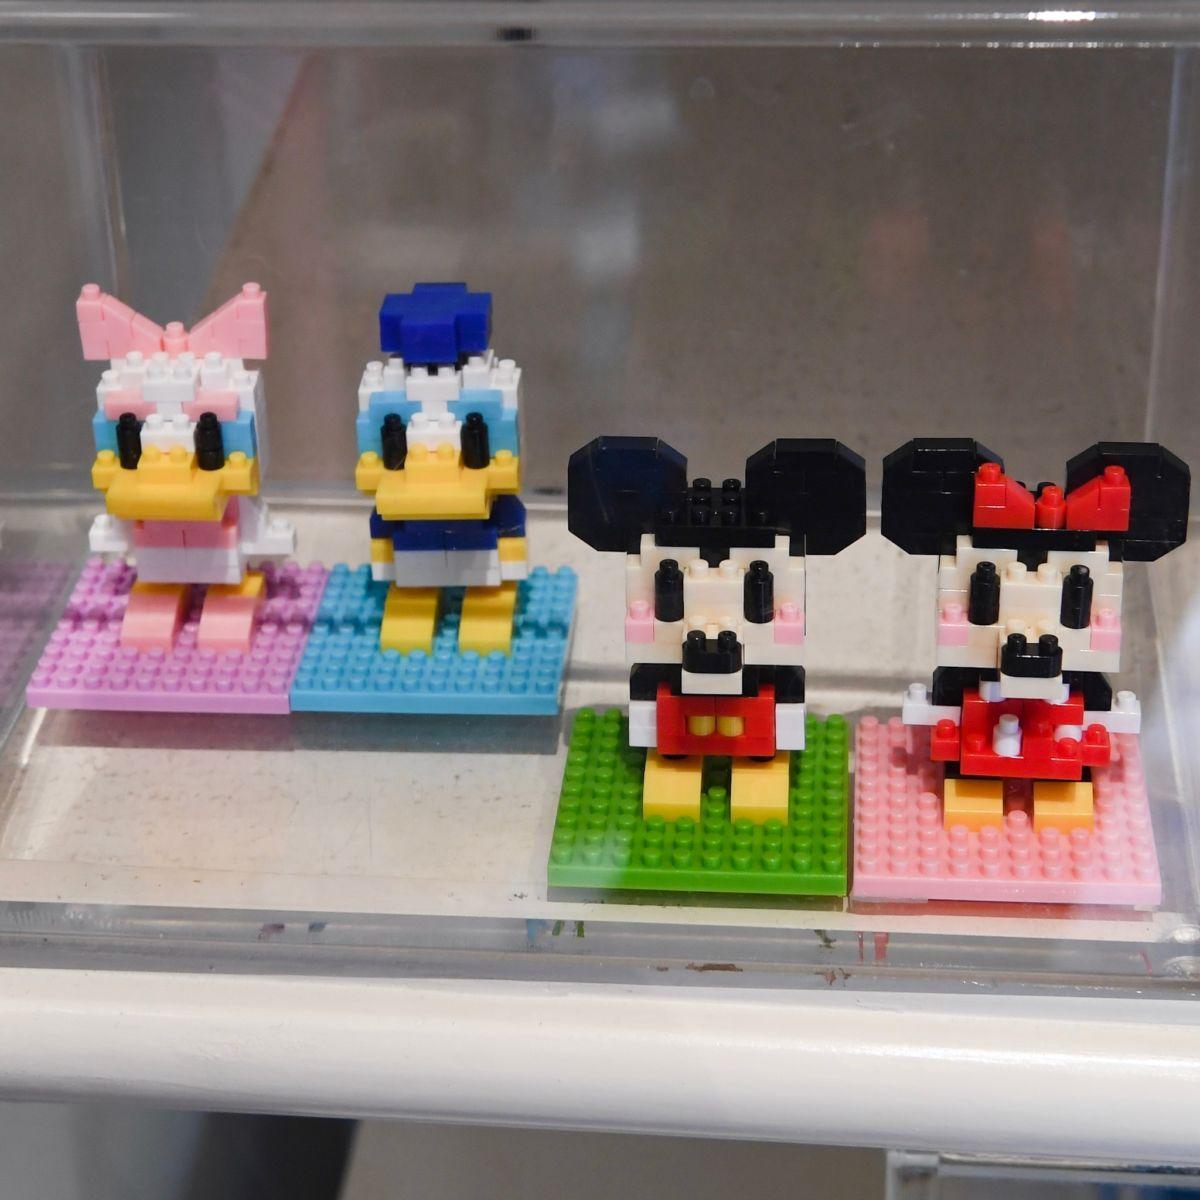 東京ディズニーランド「ミッキー&フレンズ」ミニブロック(ナノブロック)